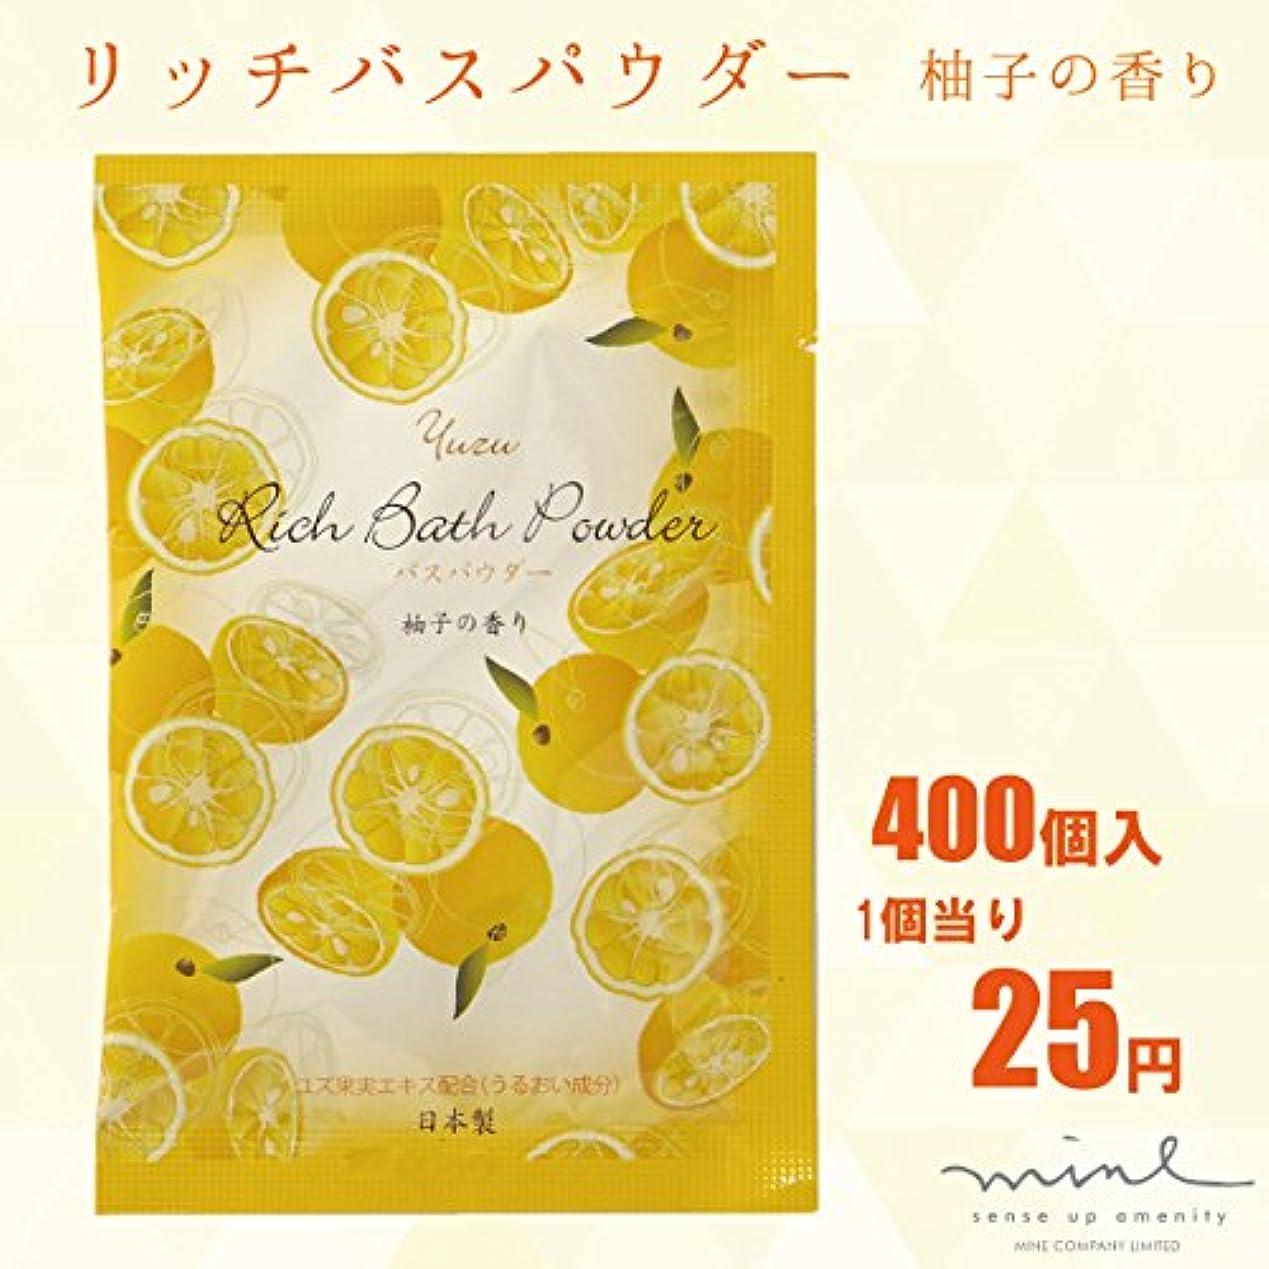 メダリスト乞食ハードリッチバスパウダー20g 柚子の香り × 400個